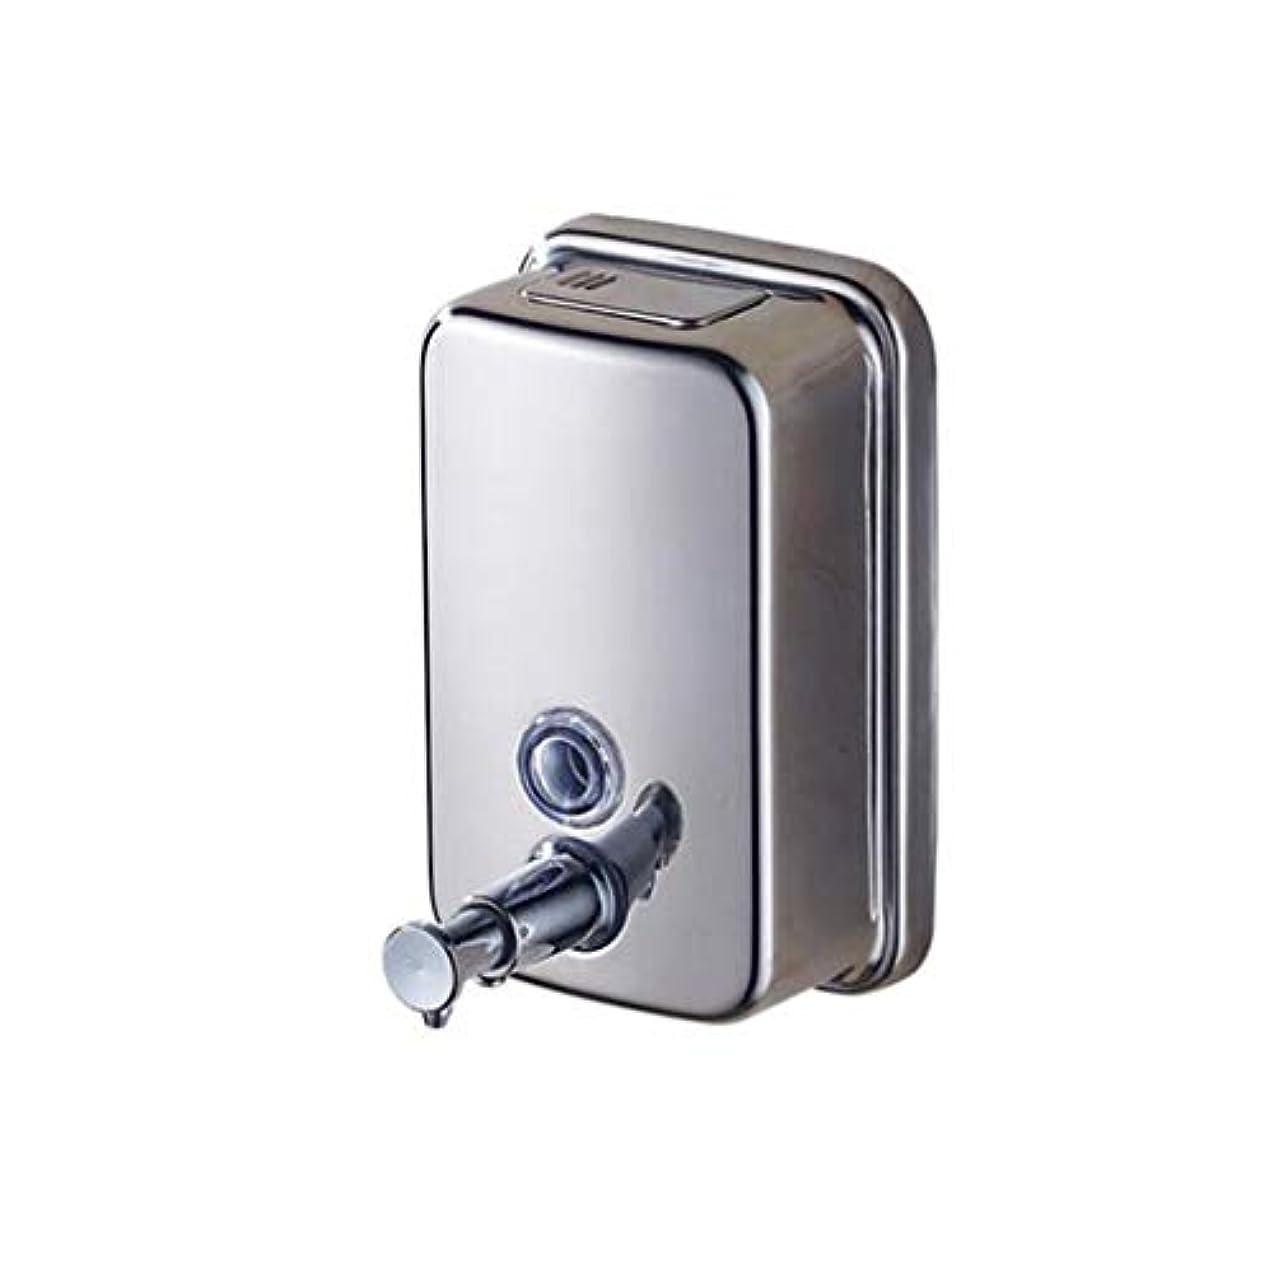 レイア評判真実Kylinssh 台所の流しおよび浴室のための単に壁に設置されたソープディスペンサー - ソープディスペンサーホルダー